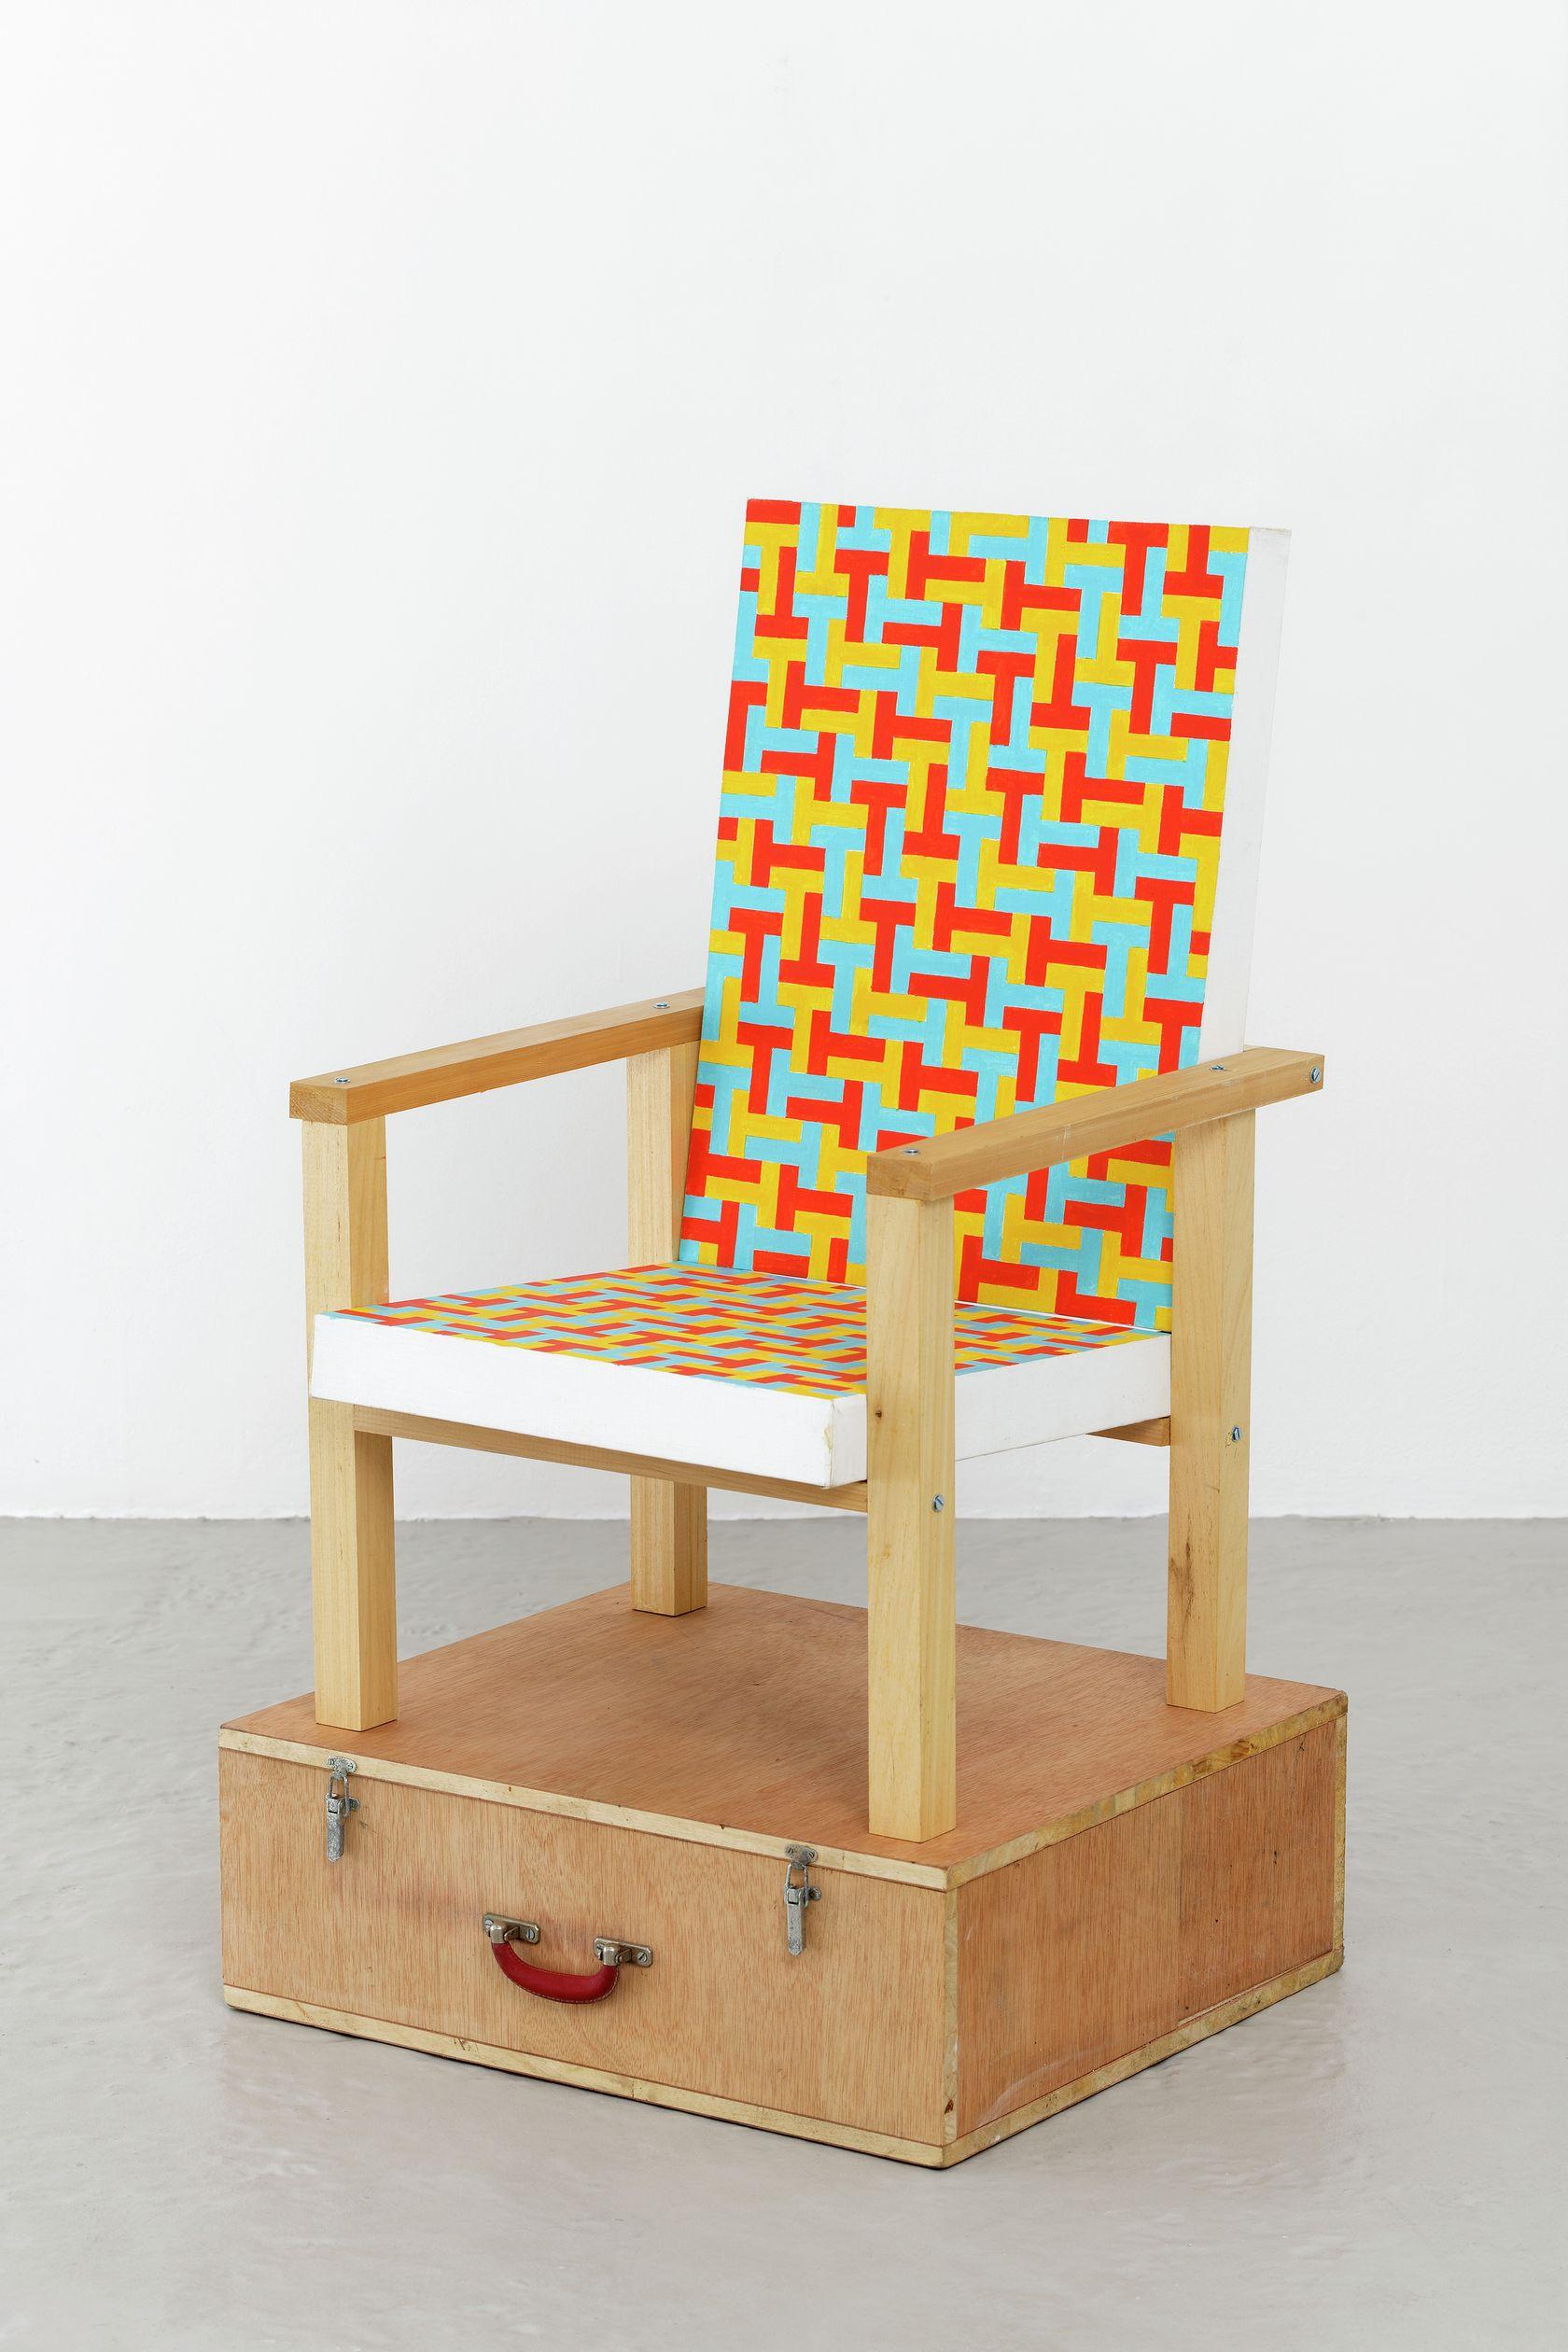 Ernest T., Sans titre, 1990 Assemblage de bois et deux peintures acrylique, socle valise de rangement97 × 44 × 107 cm / 38 2/8 × 17 3/8 × 42 1/8 in.